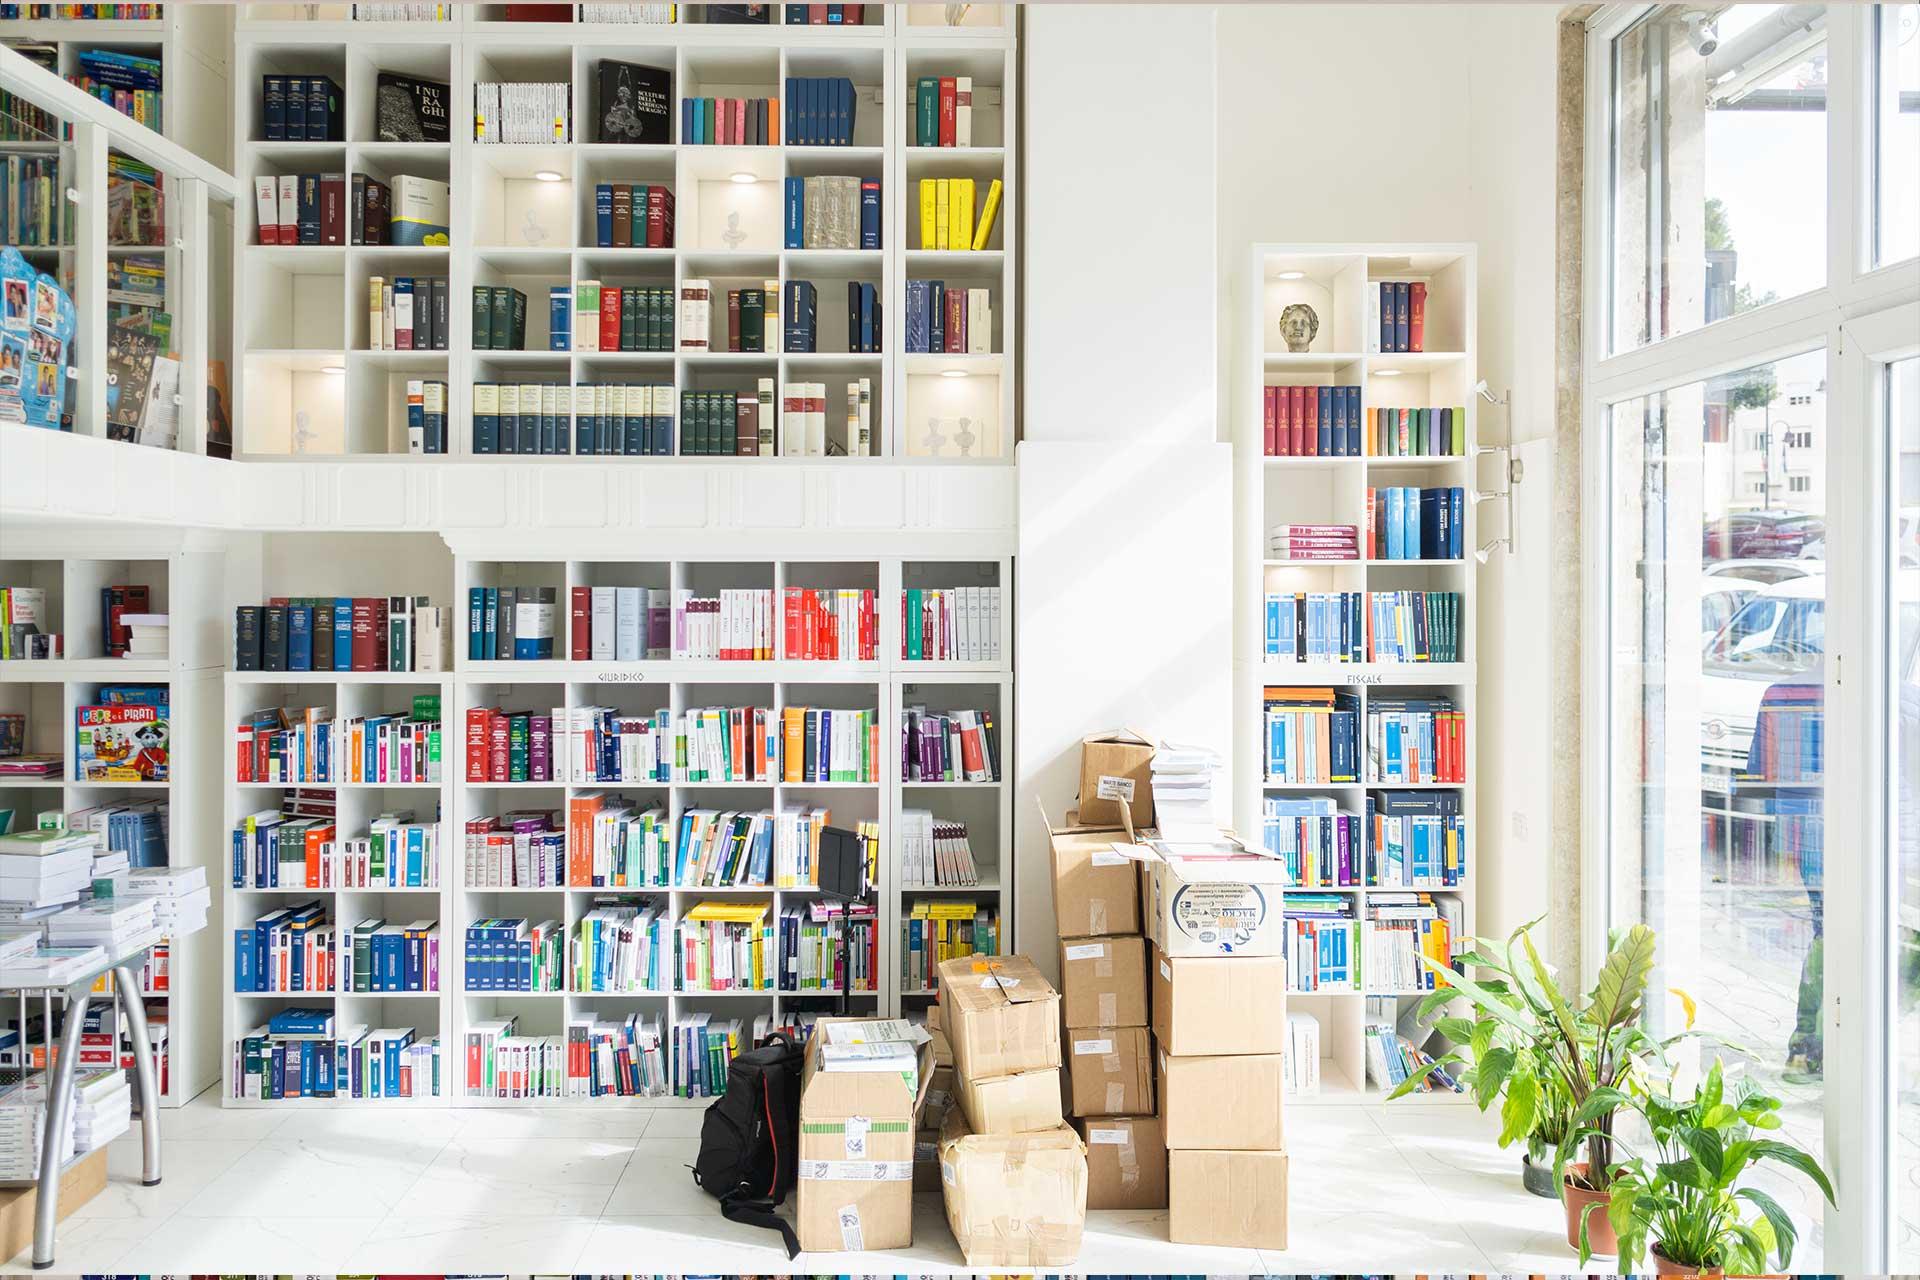 Libreria Cocco Cagliari 3